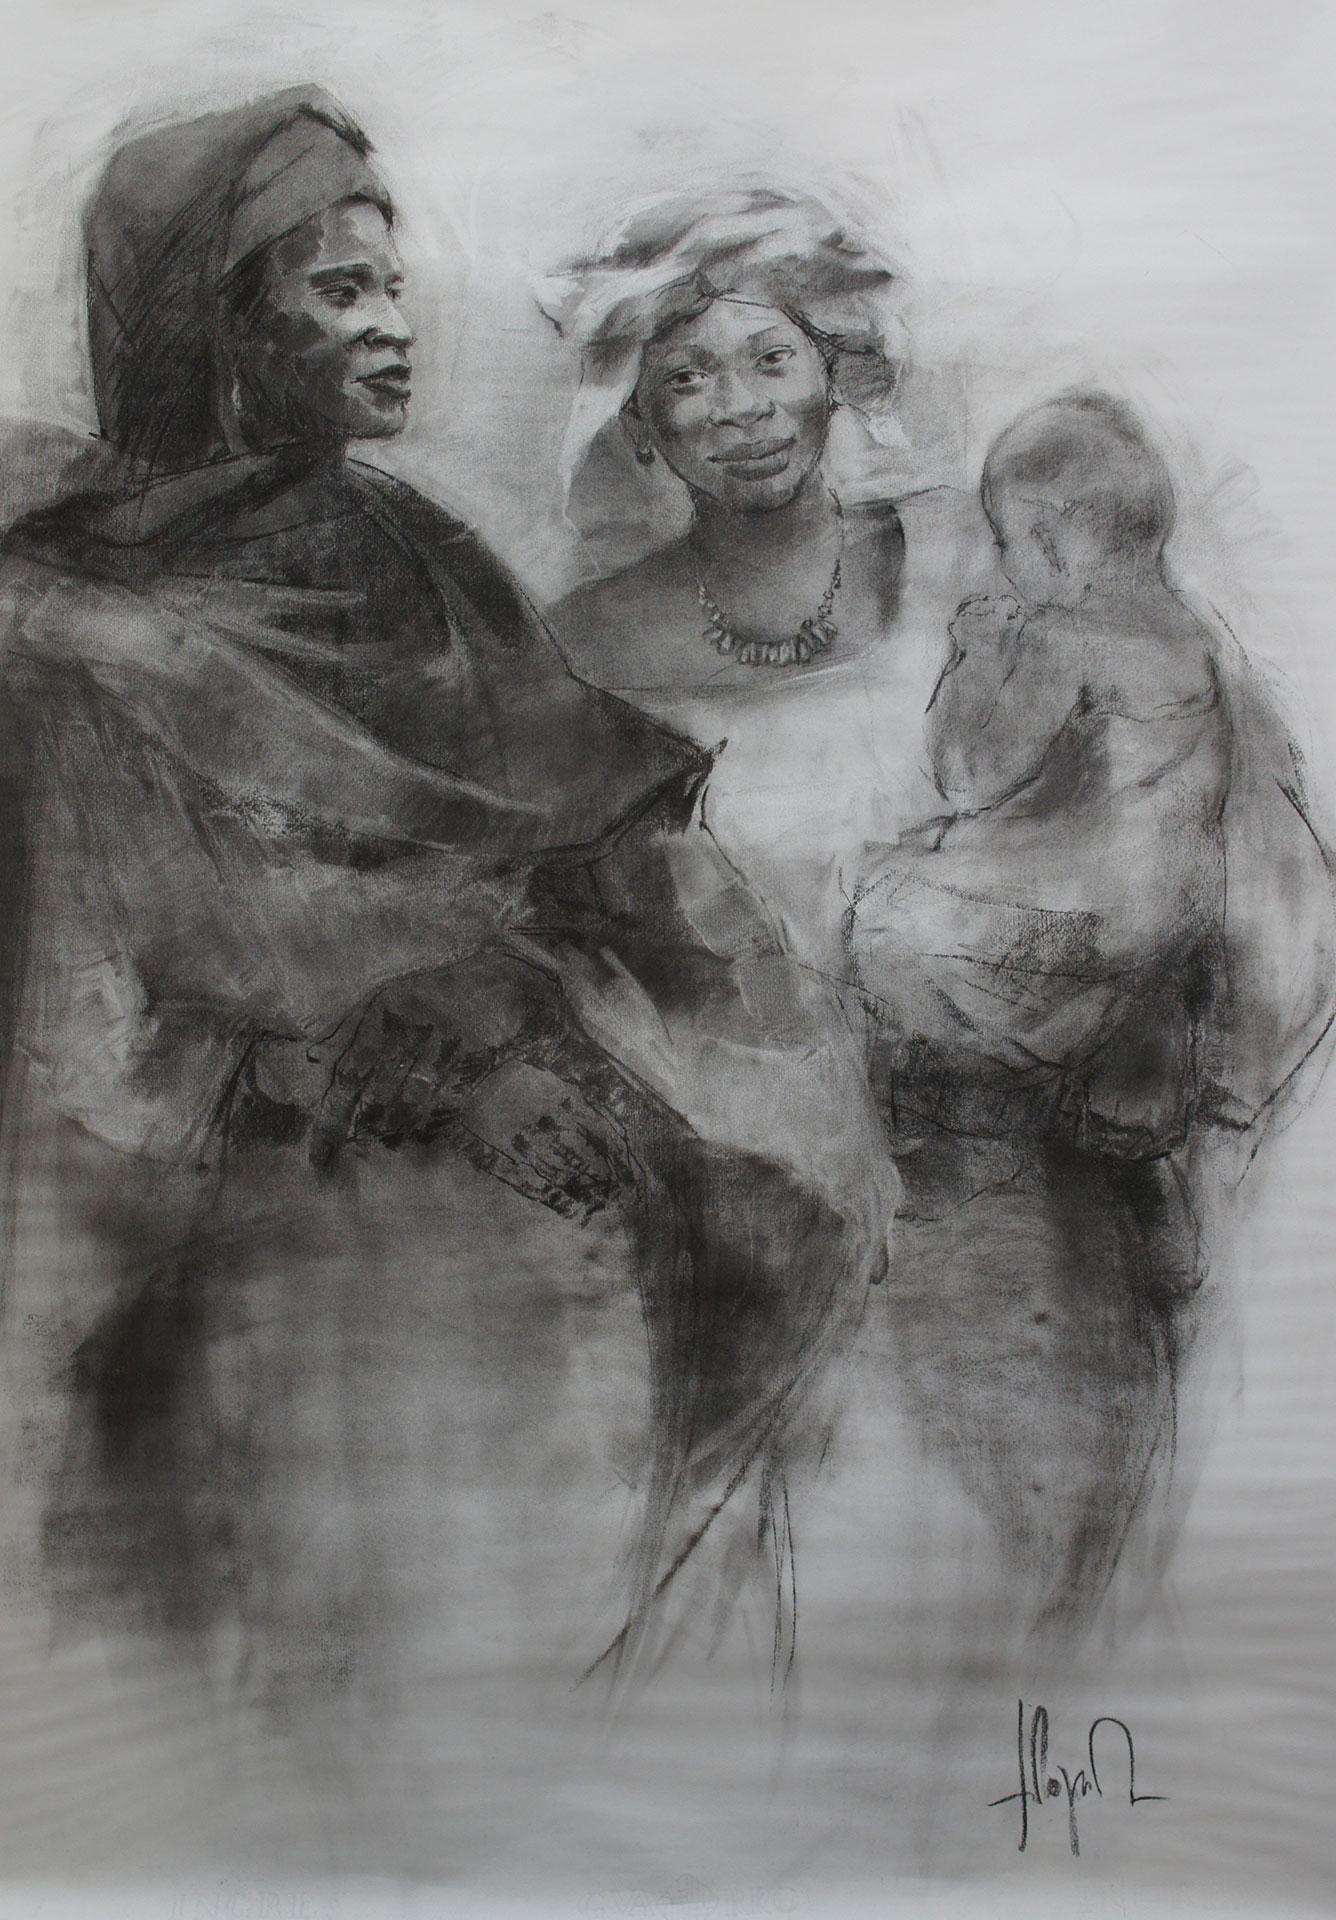 Mujeres-de-Mali-carboncillo_100-x-70